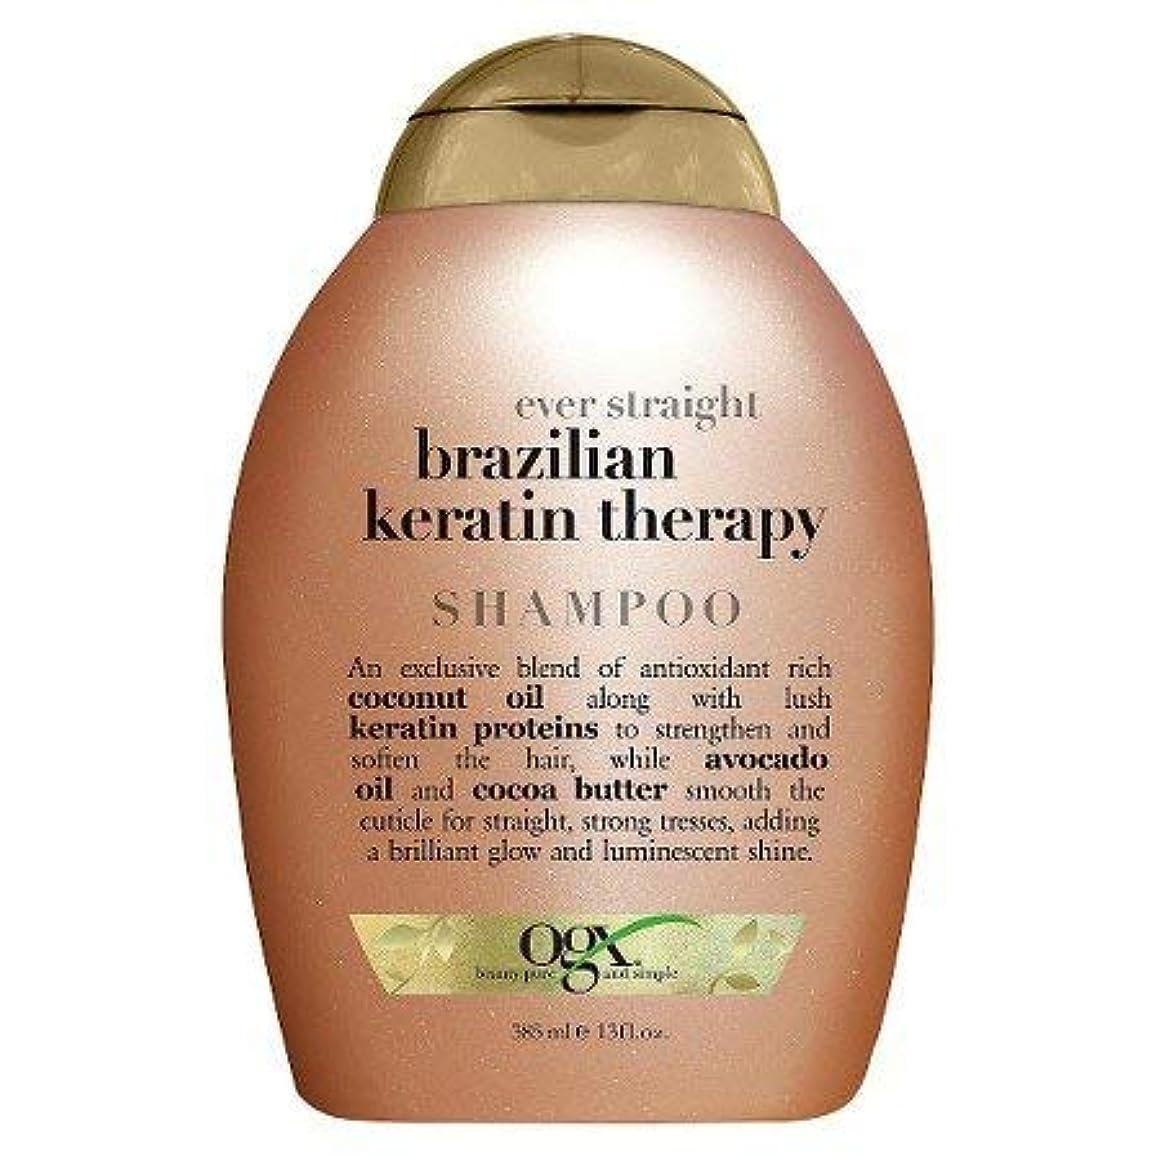 申し込む賞遷移OGX Ever Straight Sulfate & Sodium Free Brazilian Keratin Therapy Shampoo 360ml エヴァーストレートブラジルケラチンセラピーシャンプーシャンプー [並行輸入品]